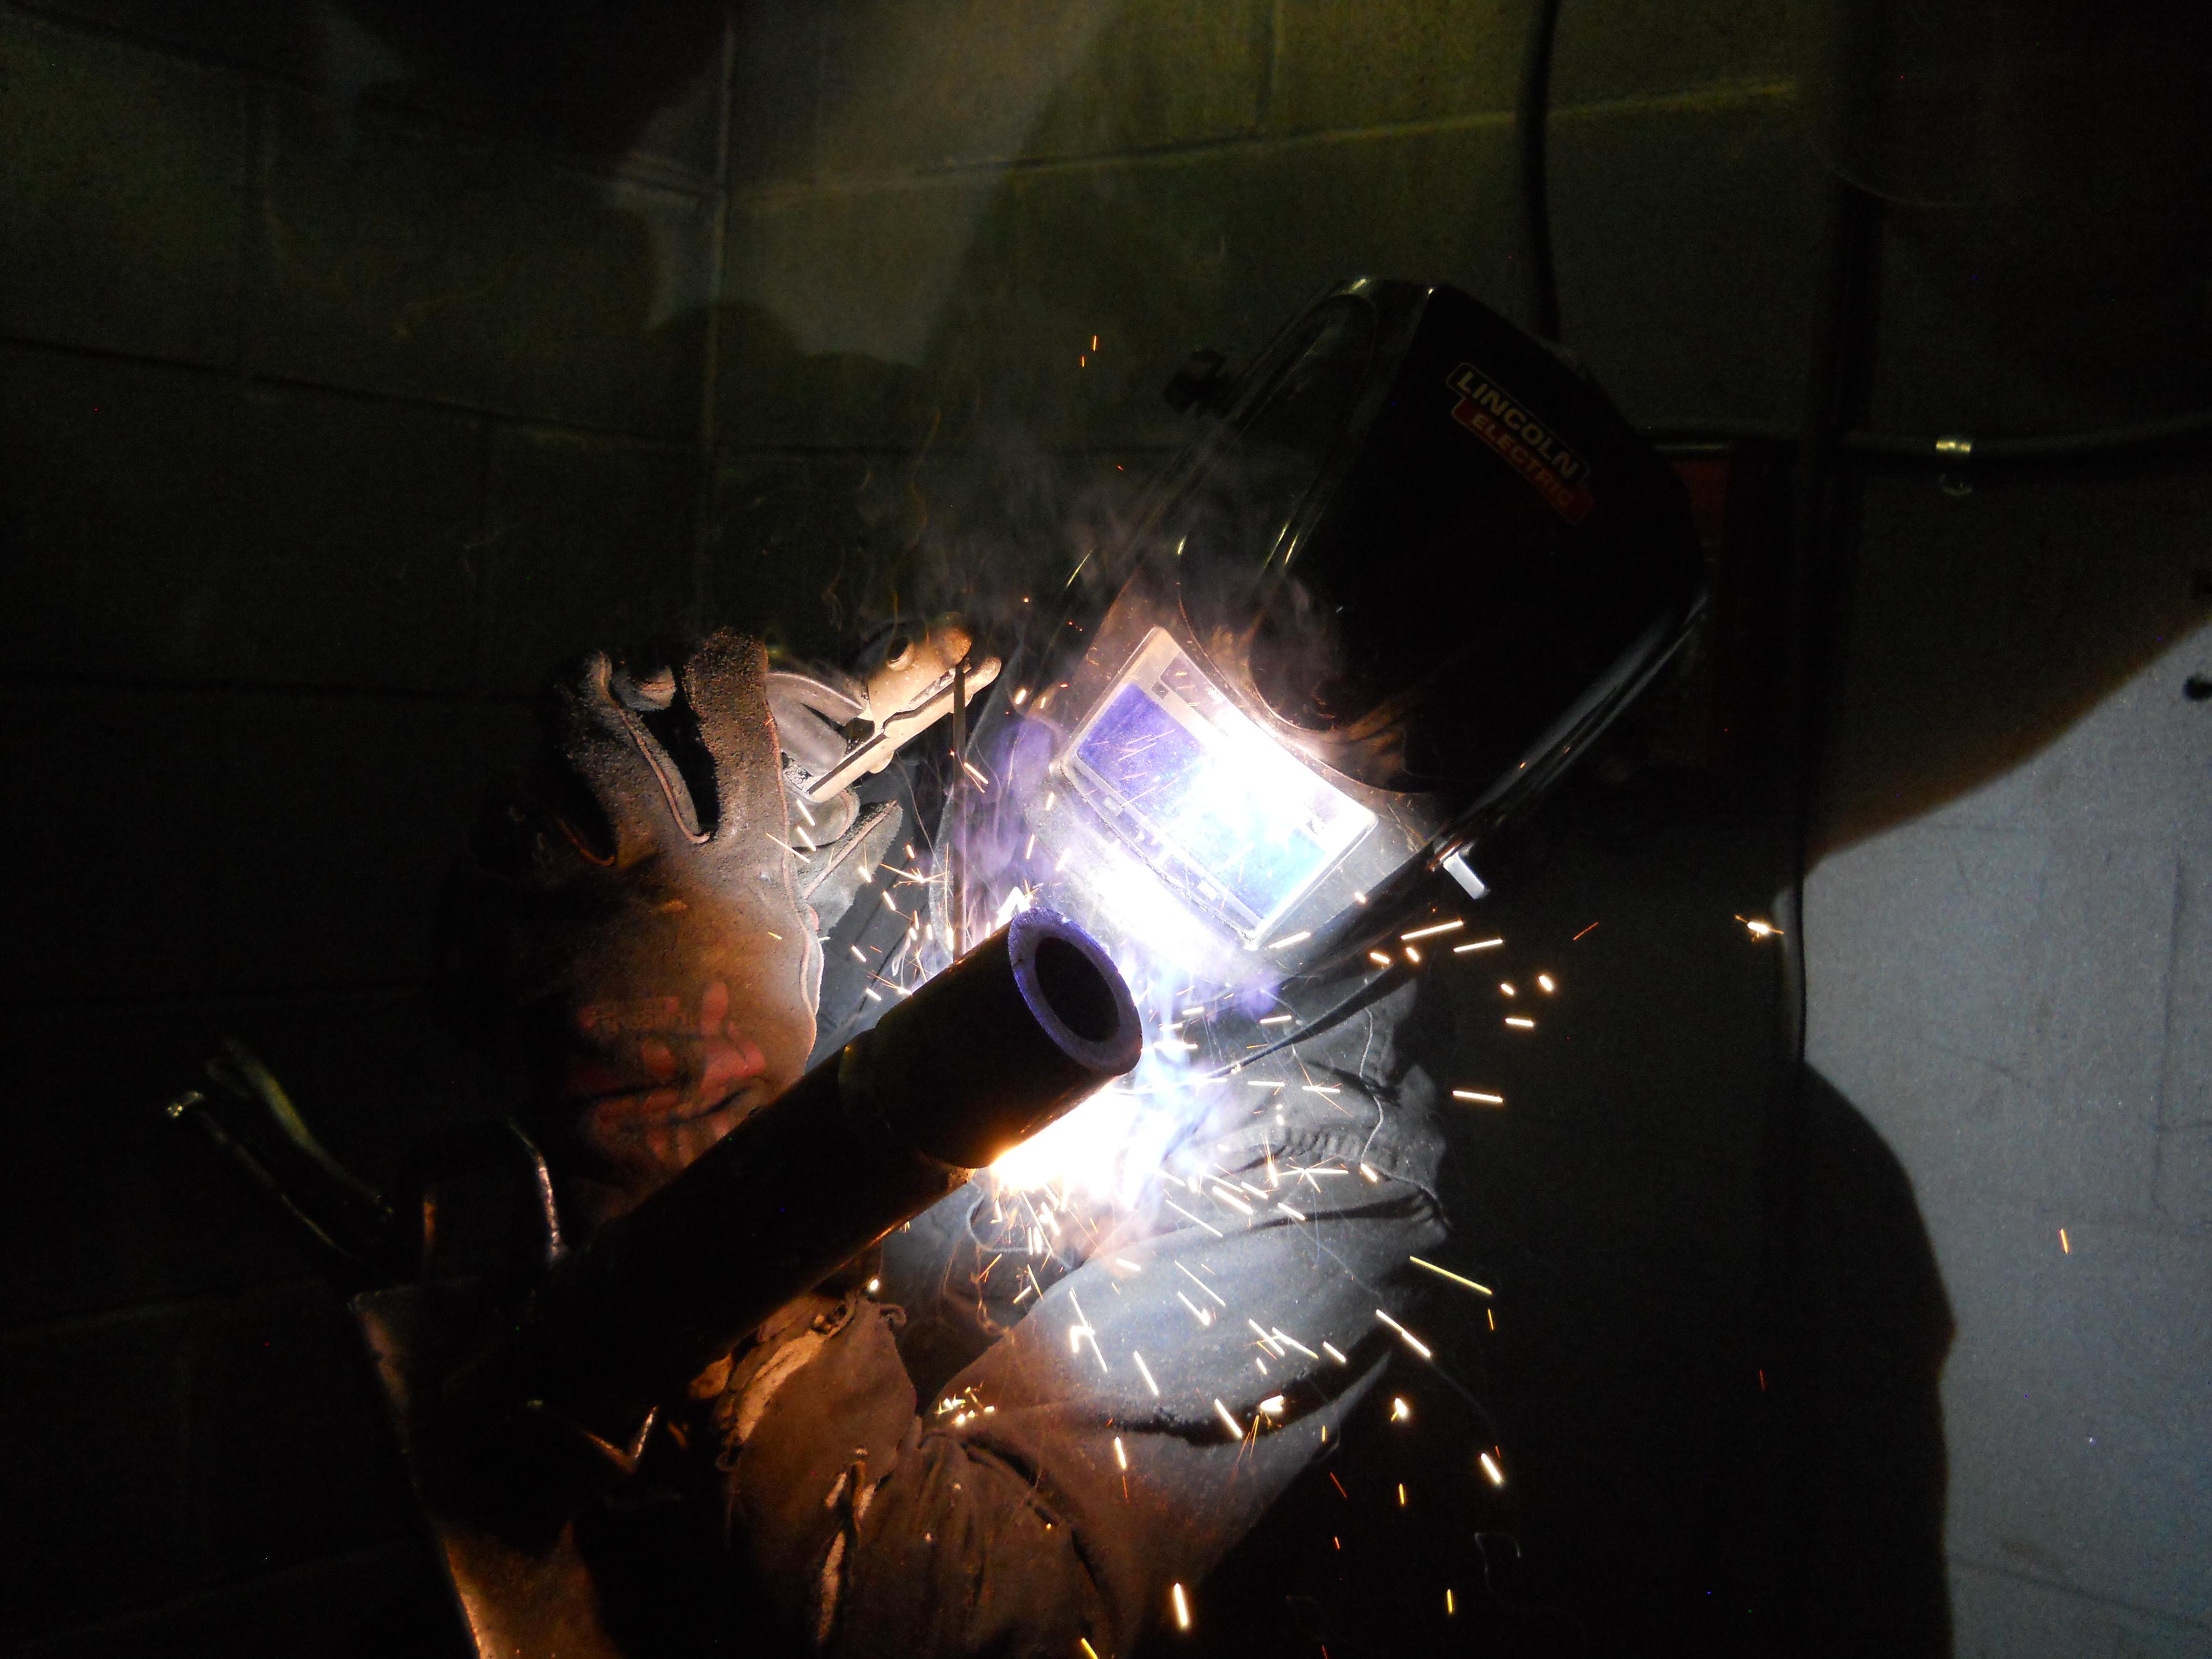 Fort Carson - welding